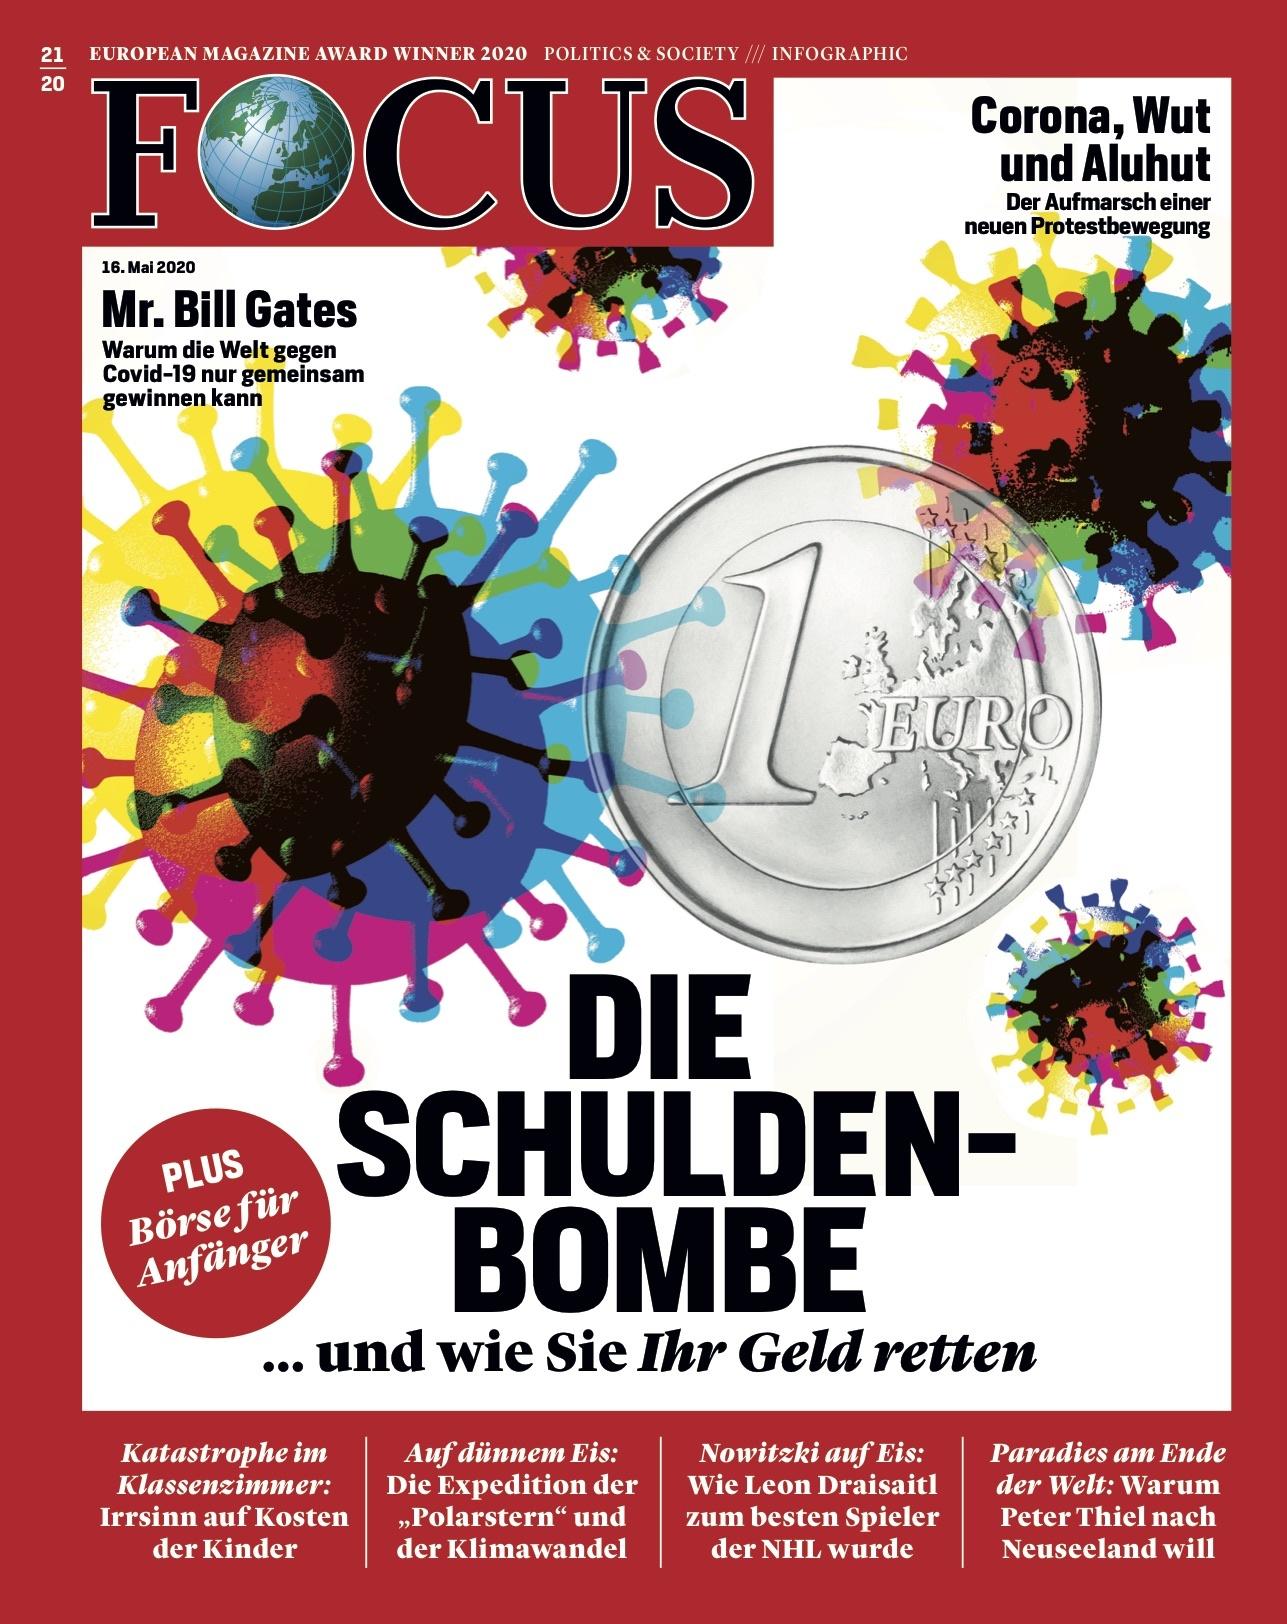 FOCUS Magazin FOCUS Magazin - Die Schuldenbombe